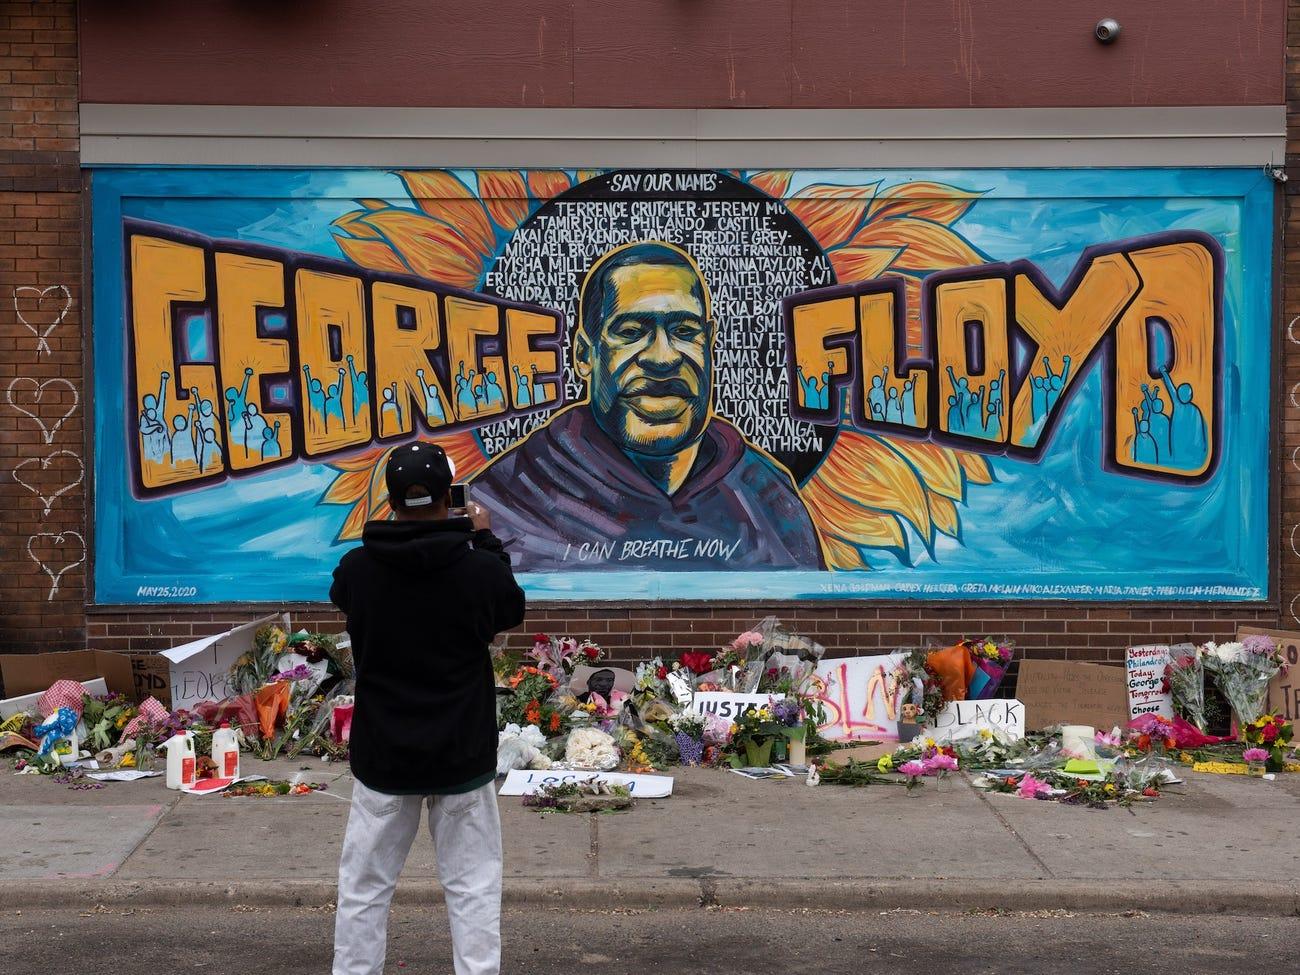 """Nữ sinh 17 tuổi quay video cảnh sát ghì chết George Floyd gây rúng động nước Mỹ lần đầu lên tiếng trần tình: """"Thay vì chỉ trích tôi, hãy cảm ơn tôi"""" - Ảnh 3."""